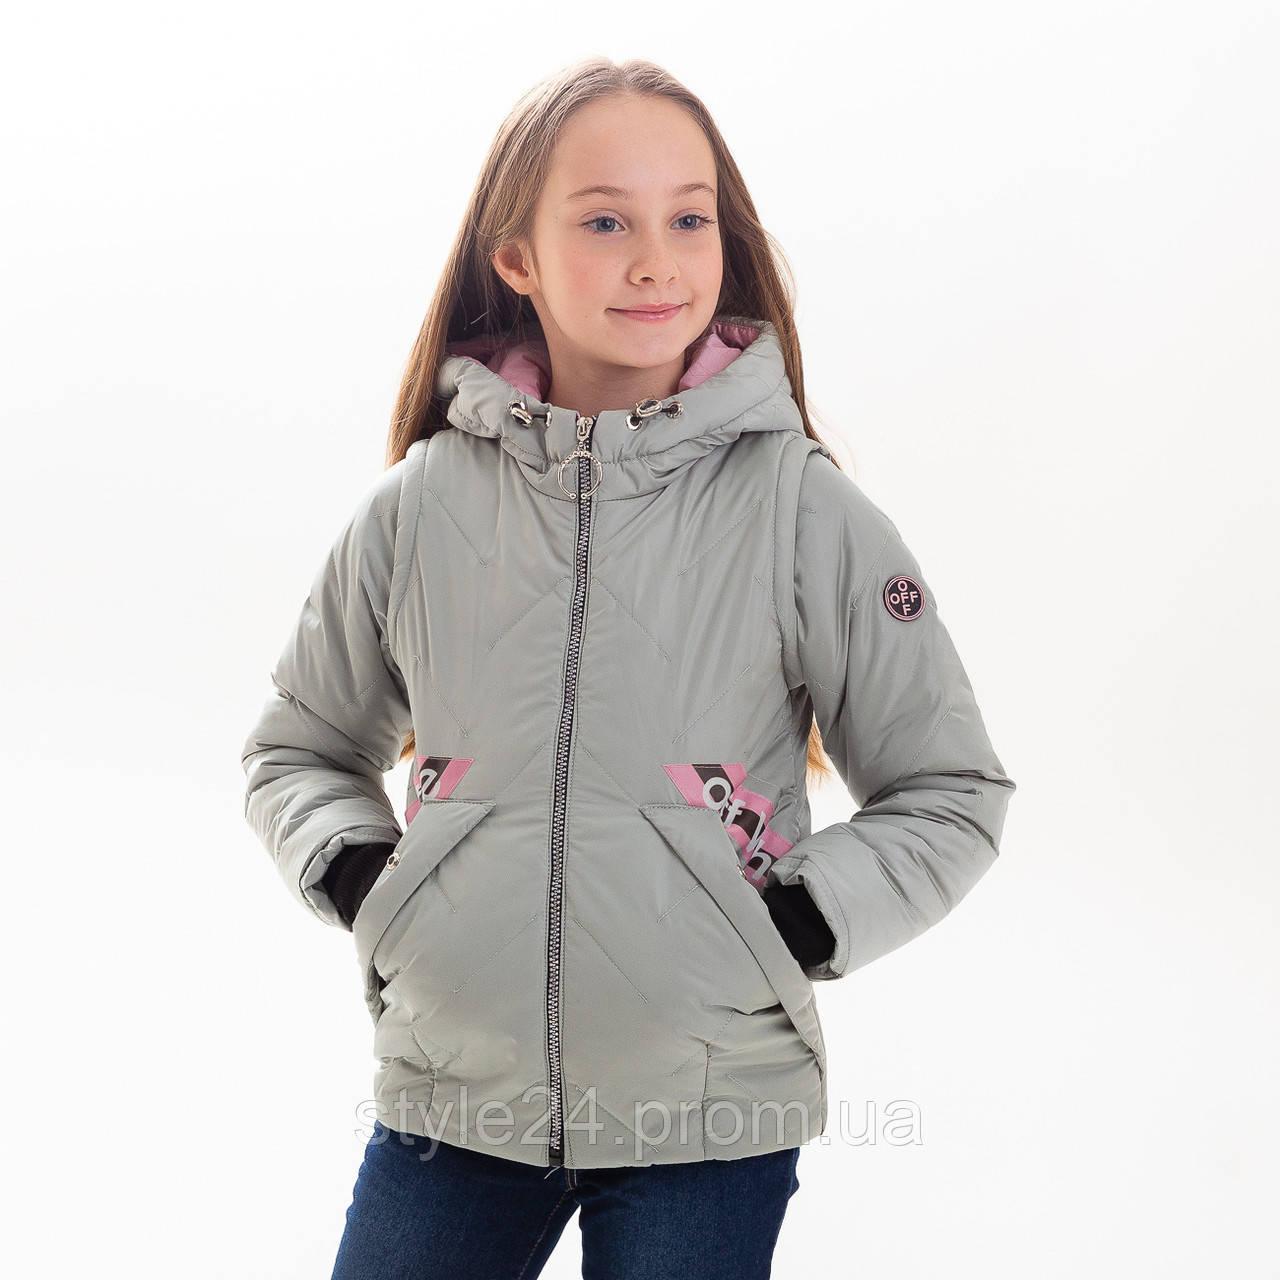 Весняна куртка-жилетка на дівчинку  98bf30ce275eb